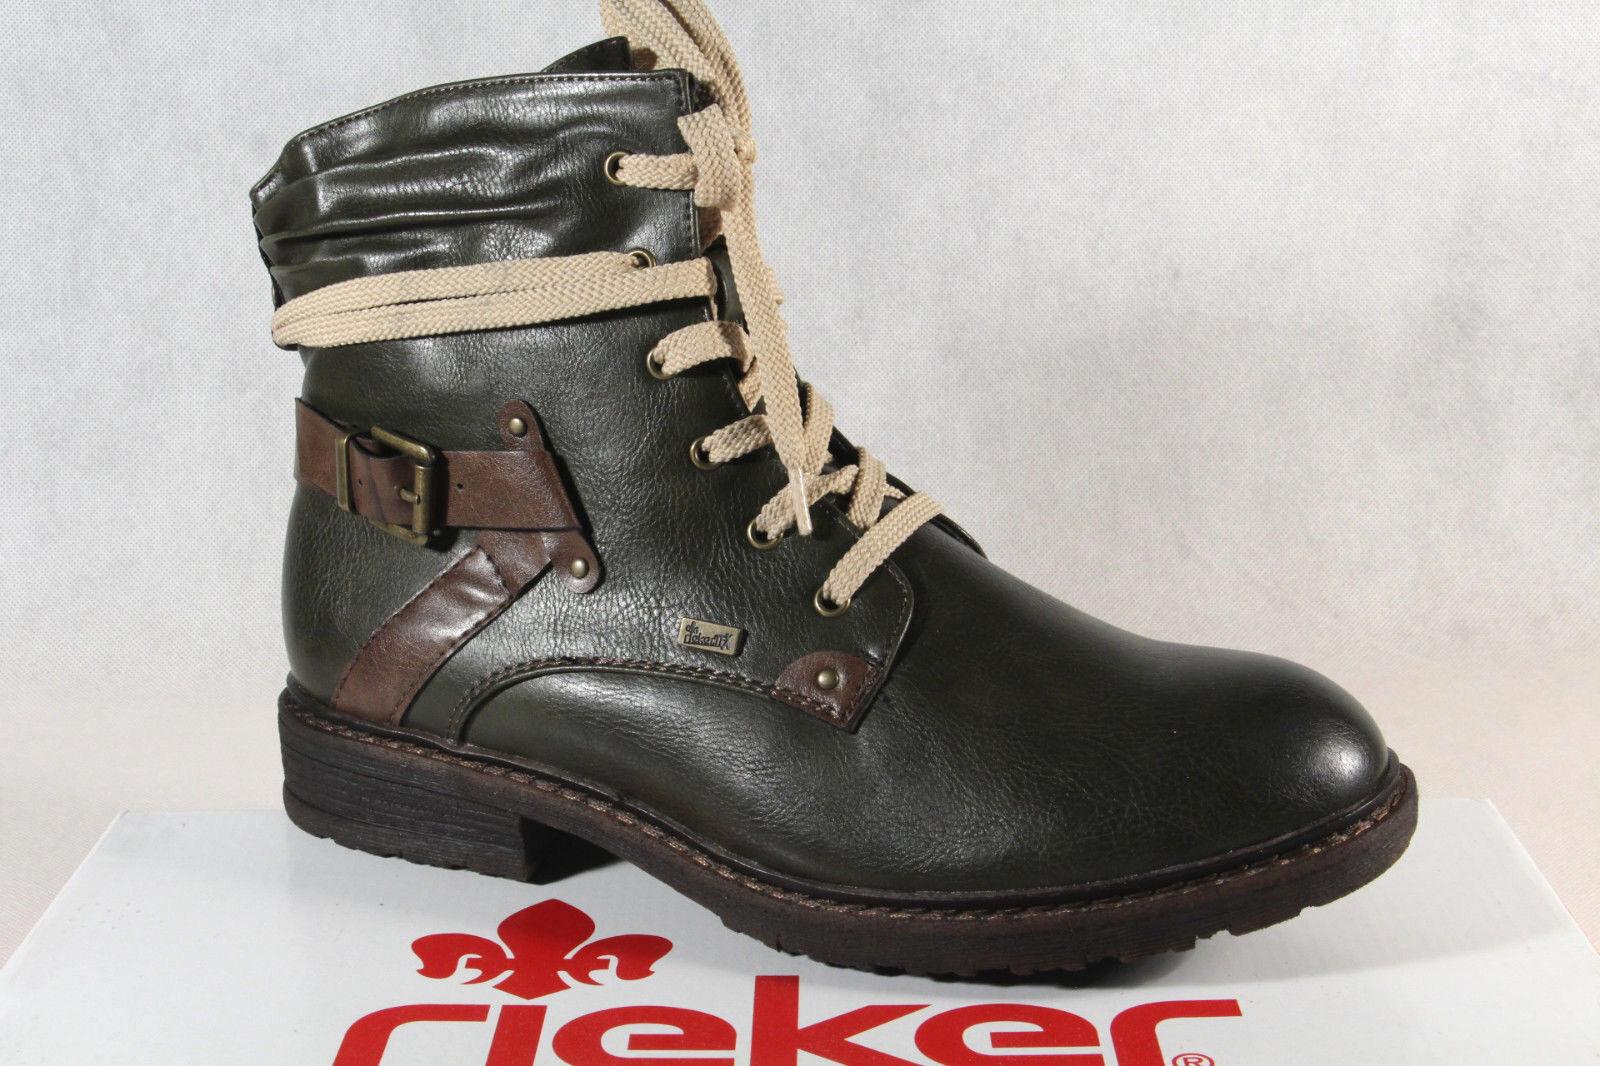 Rieker Tex Schnürstiefel Boots Stiefelette Stiefel grün U38Io